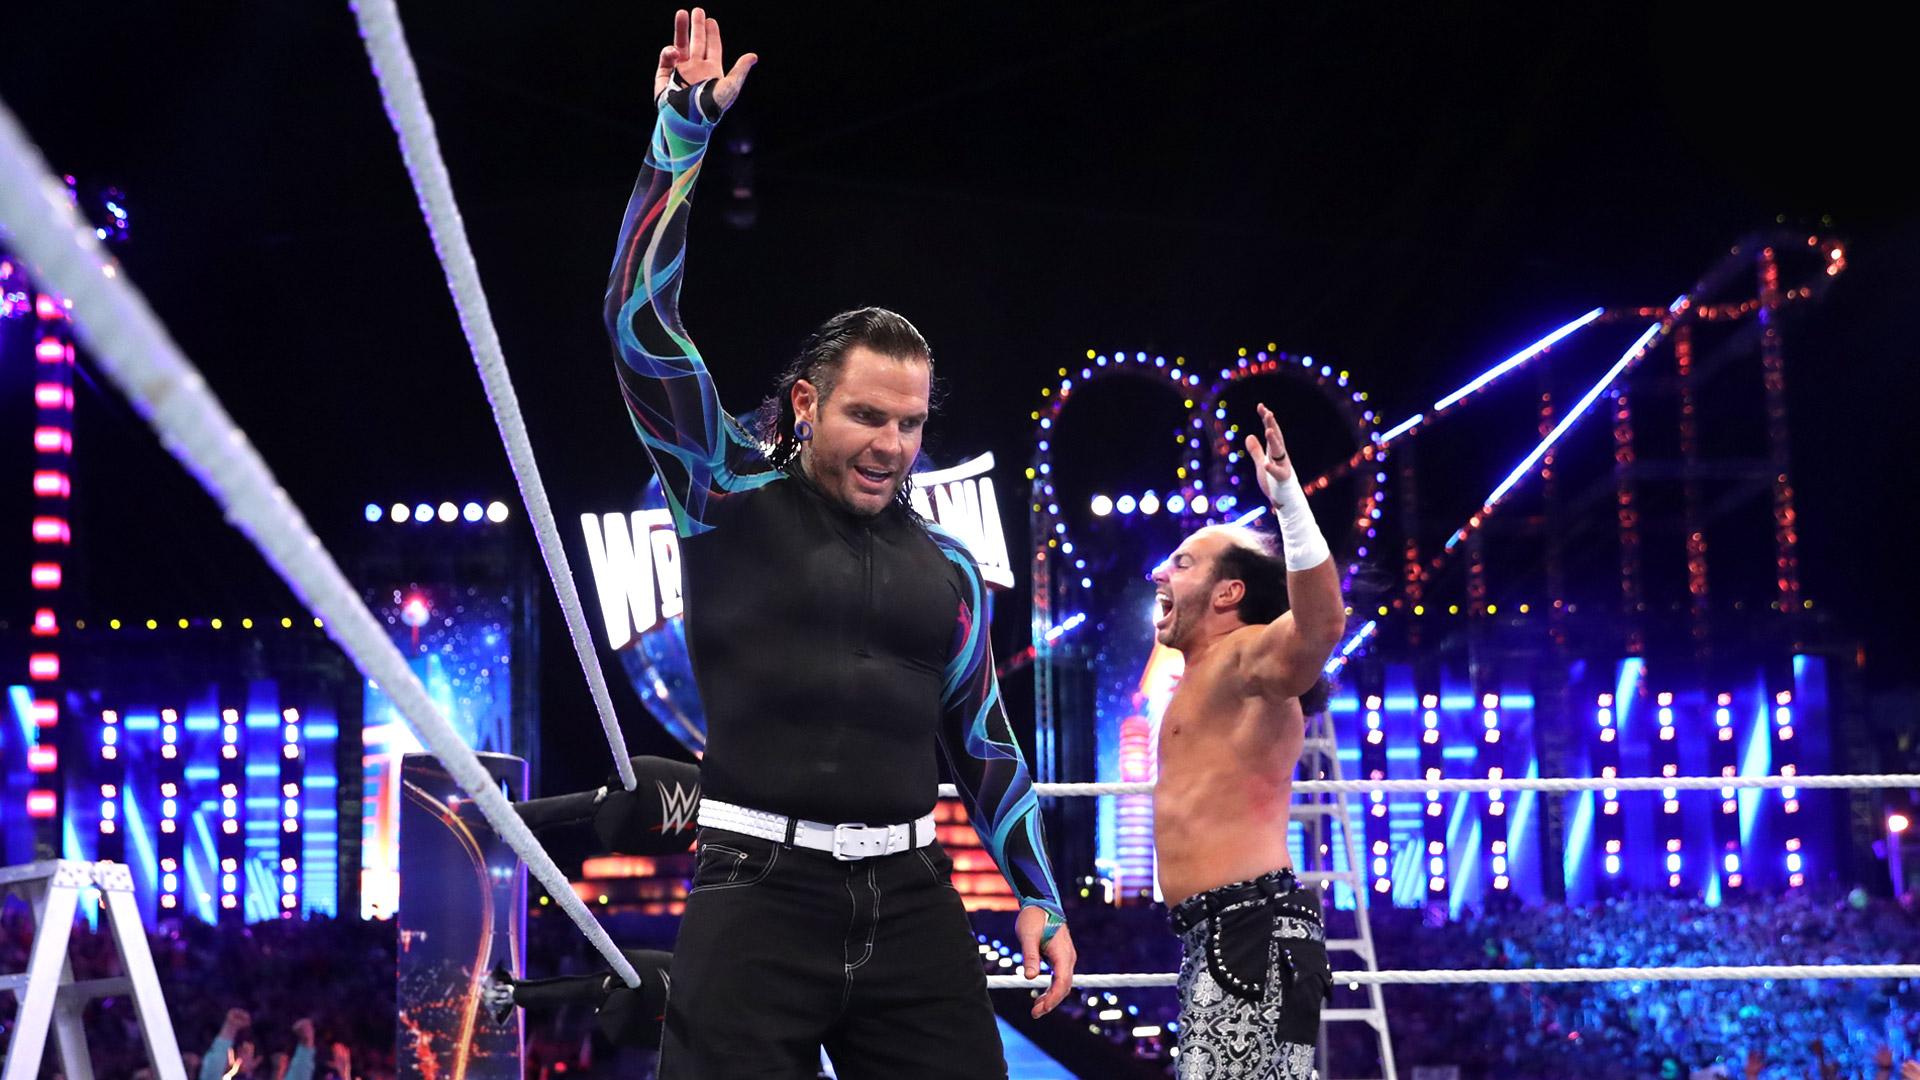 WWE NEWS: हार्डी बॉयज से डरकर मिज़ ने की थी उन्हें अपनी टीम में शामिल करने की कोशिश, मिला ऐसा जवाब जो हर WWE फैन जानना चाहेगा 1